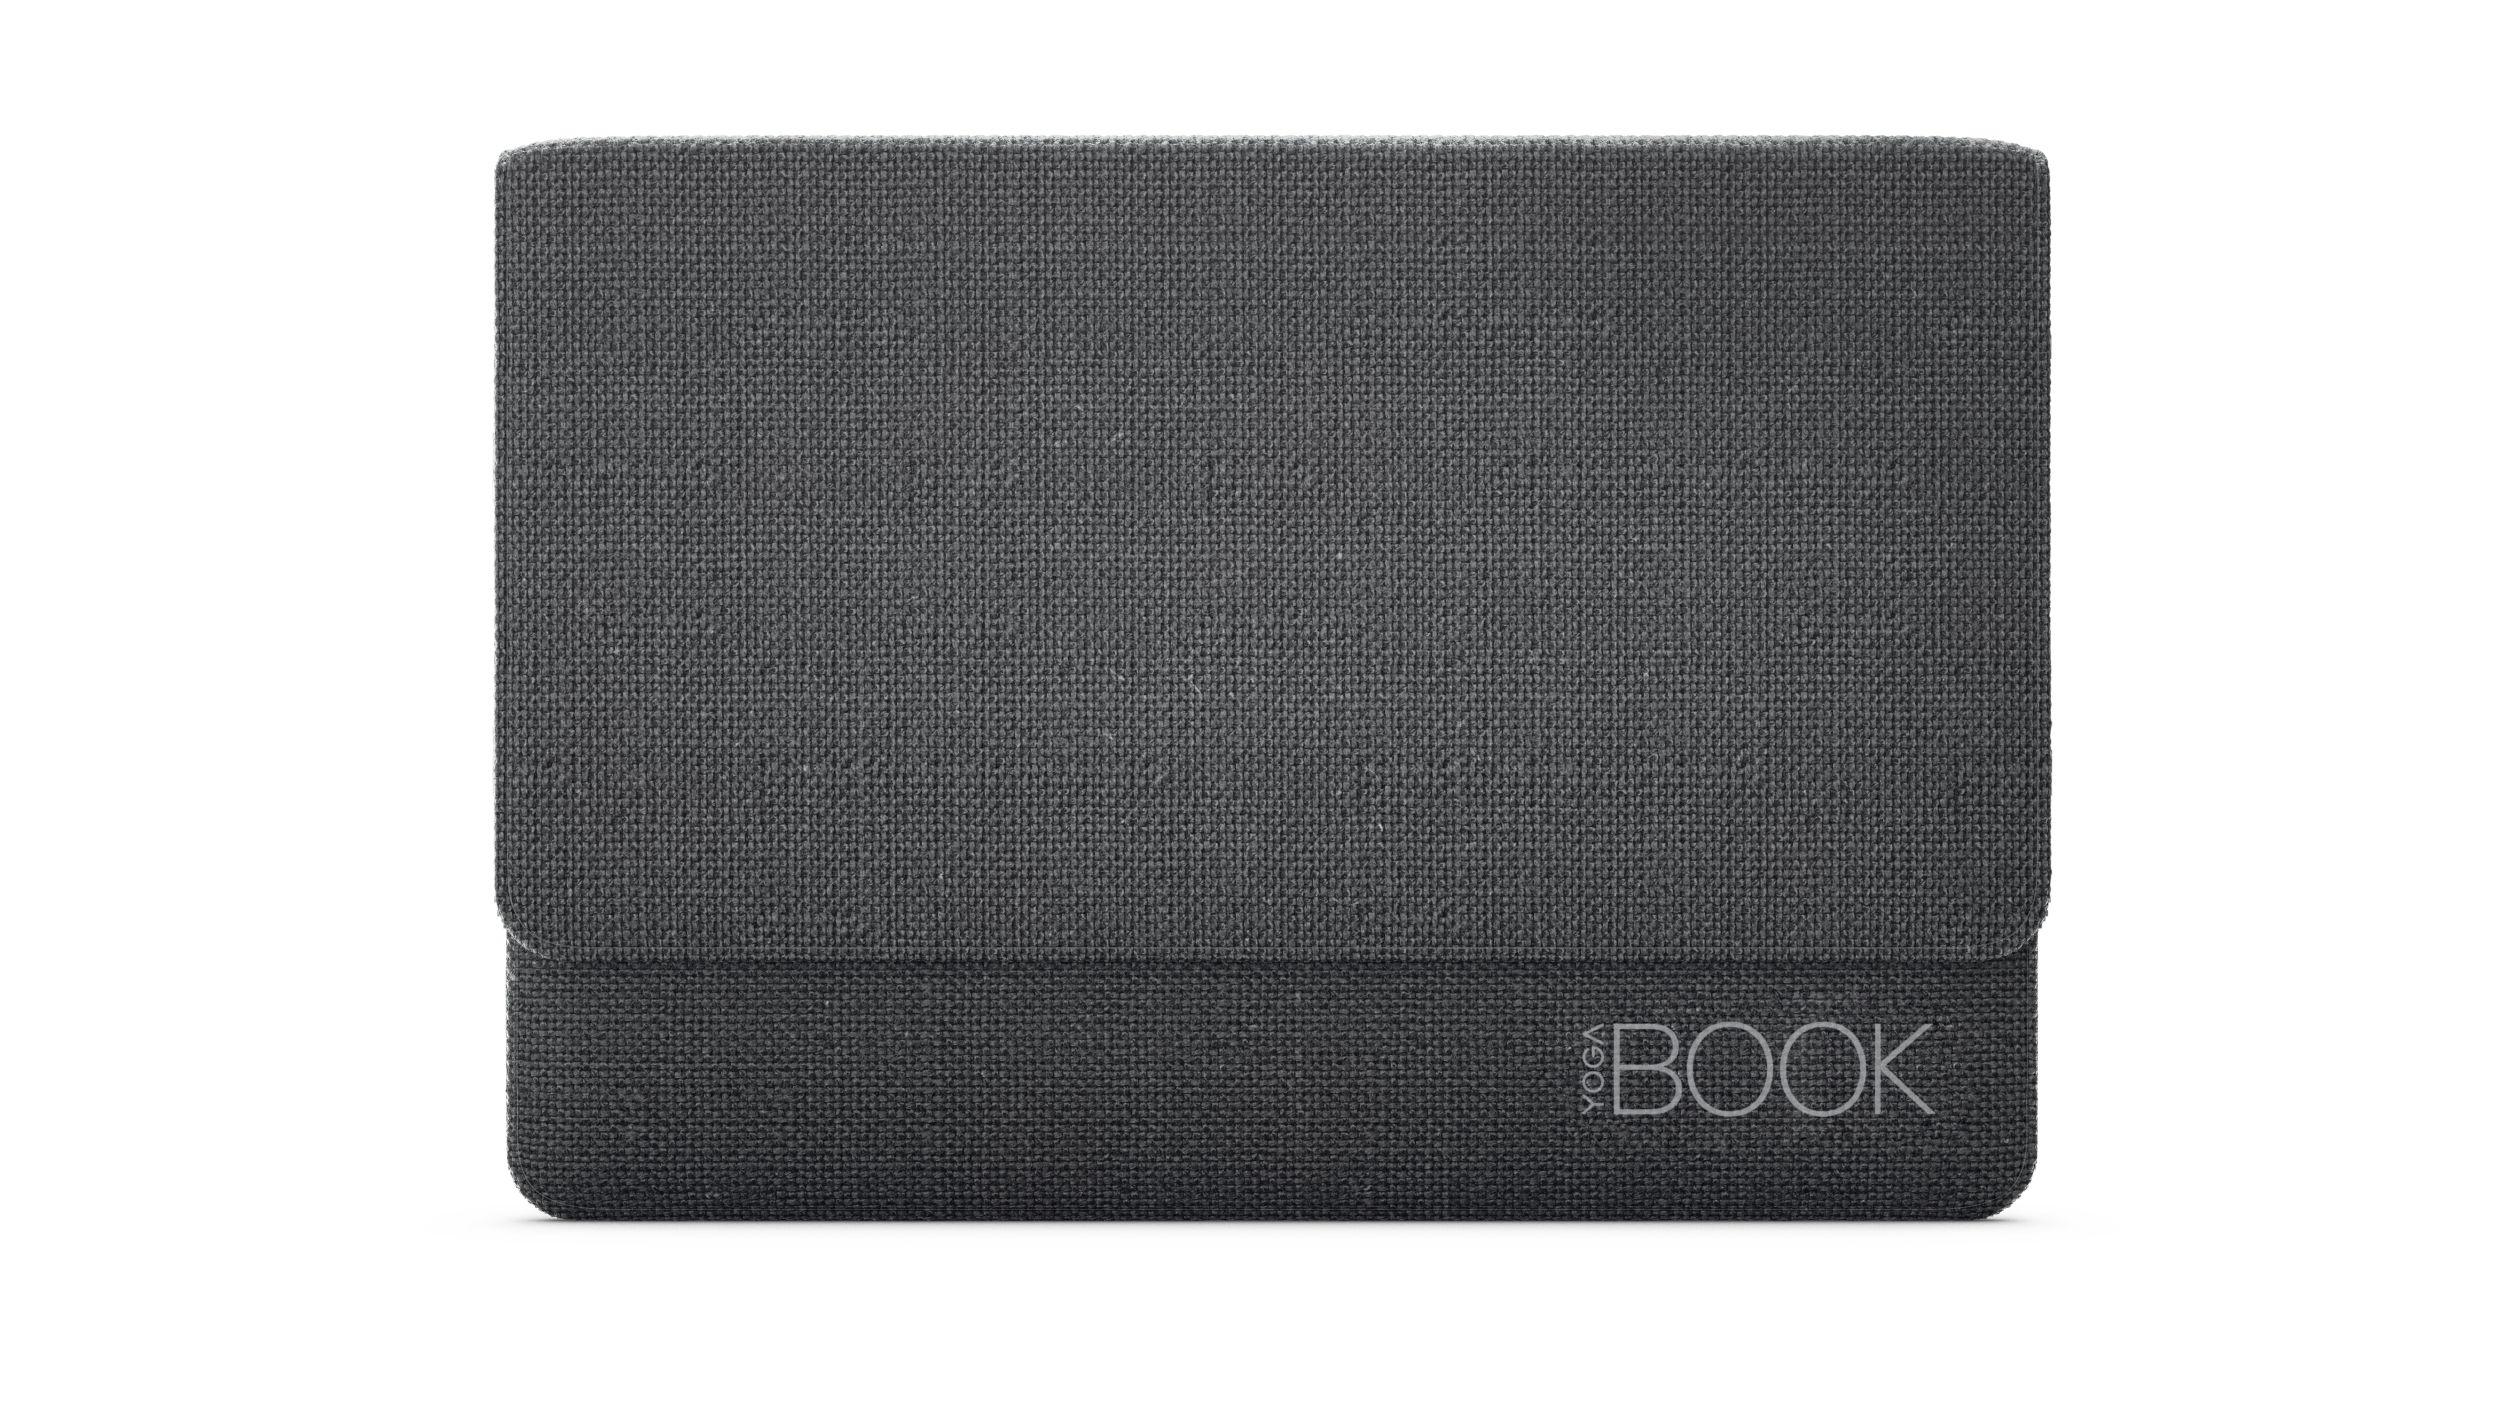 YOGA BOOK Bag - Gray